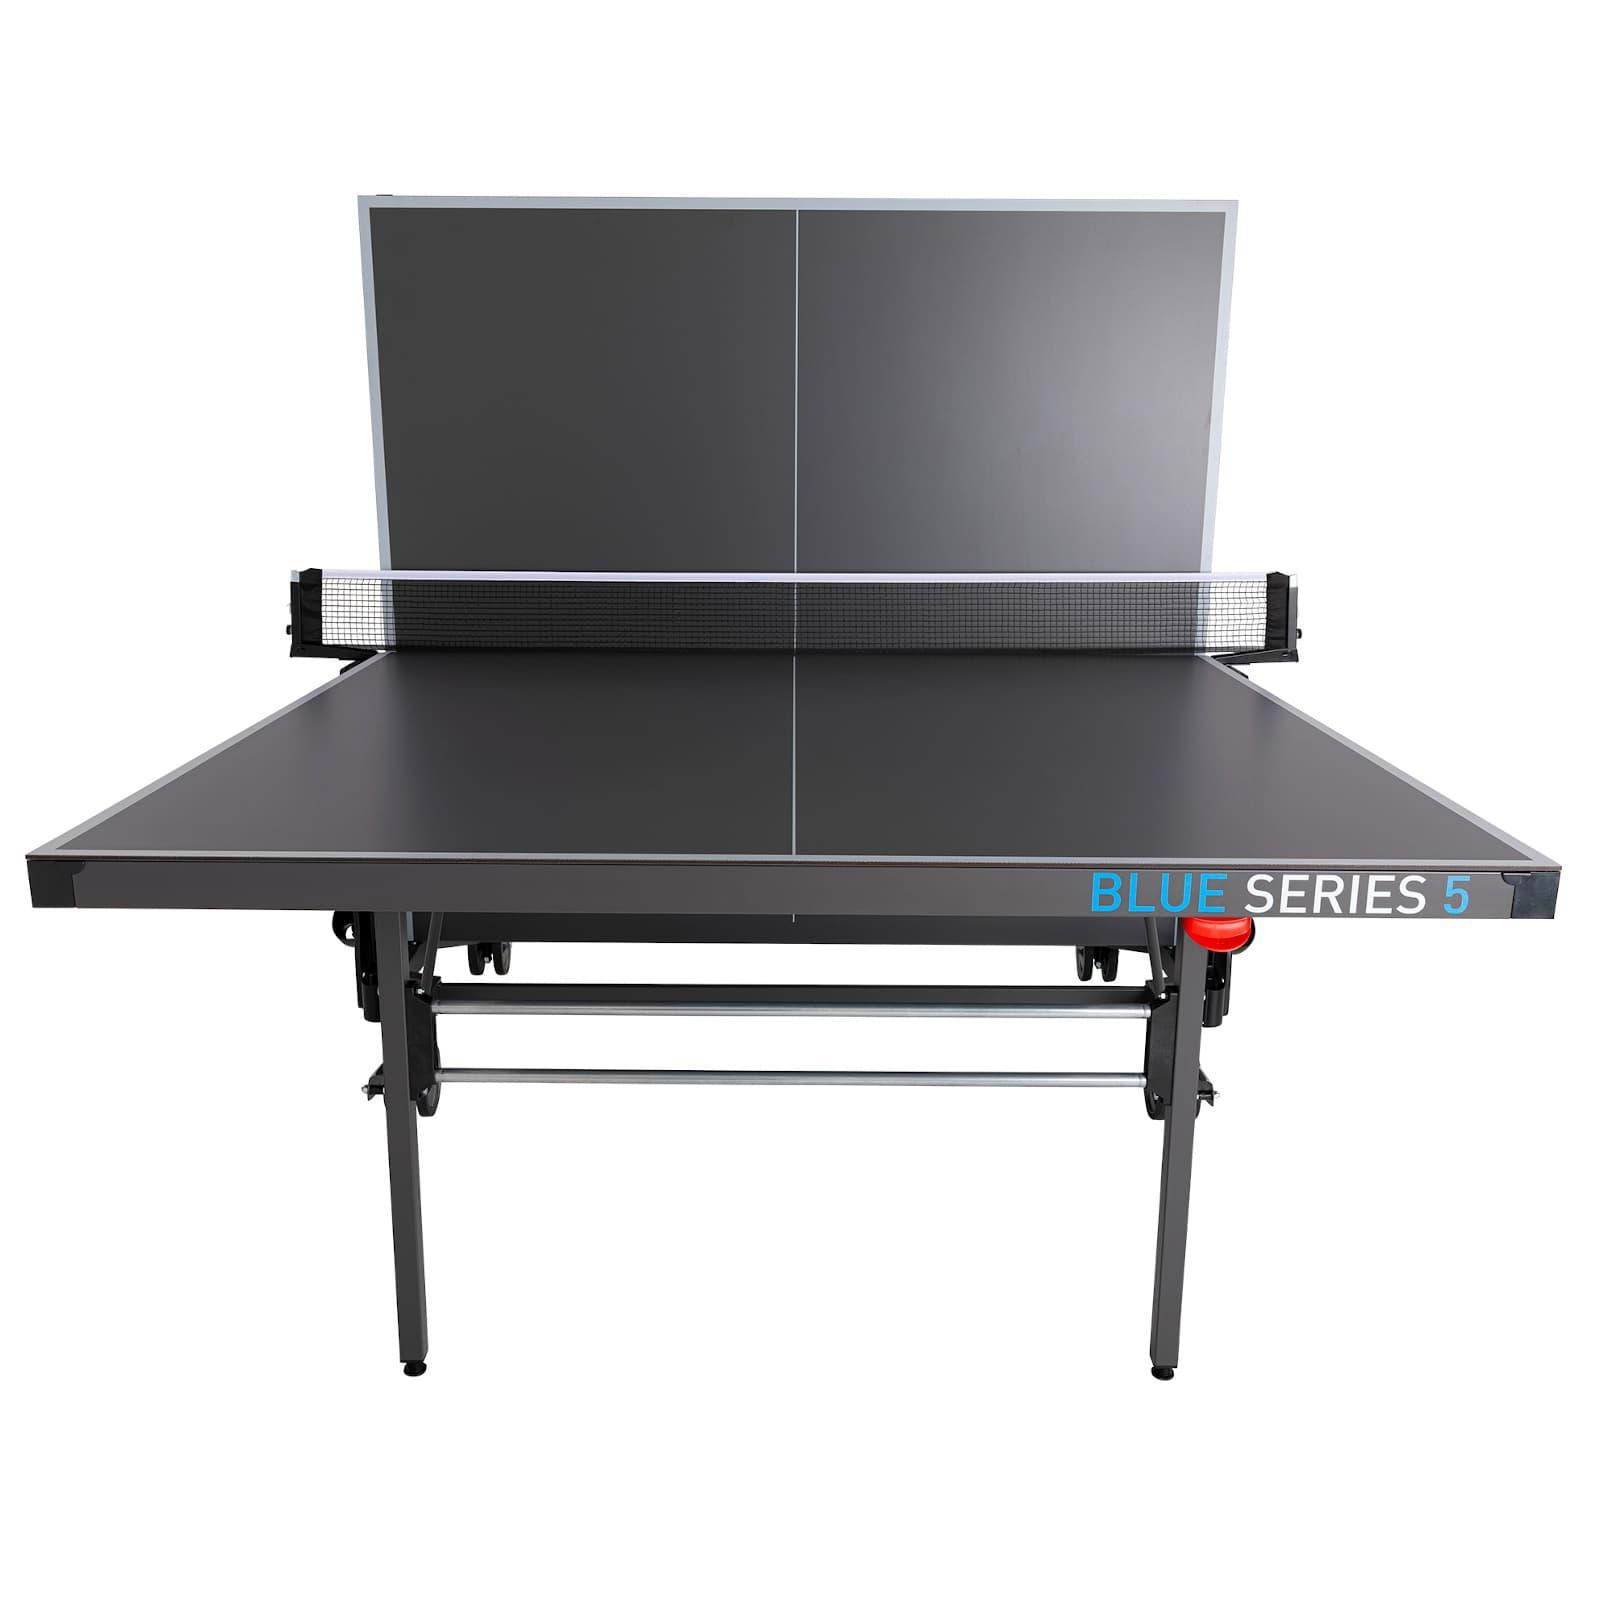 Alleinspielmöglichkeit mit dem Tischtennistisch Kettler Outdoor 5 - Blue Series-